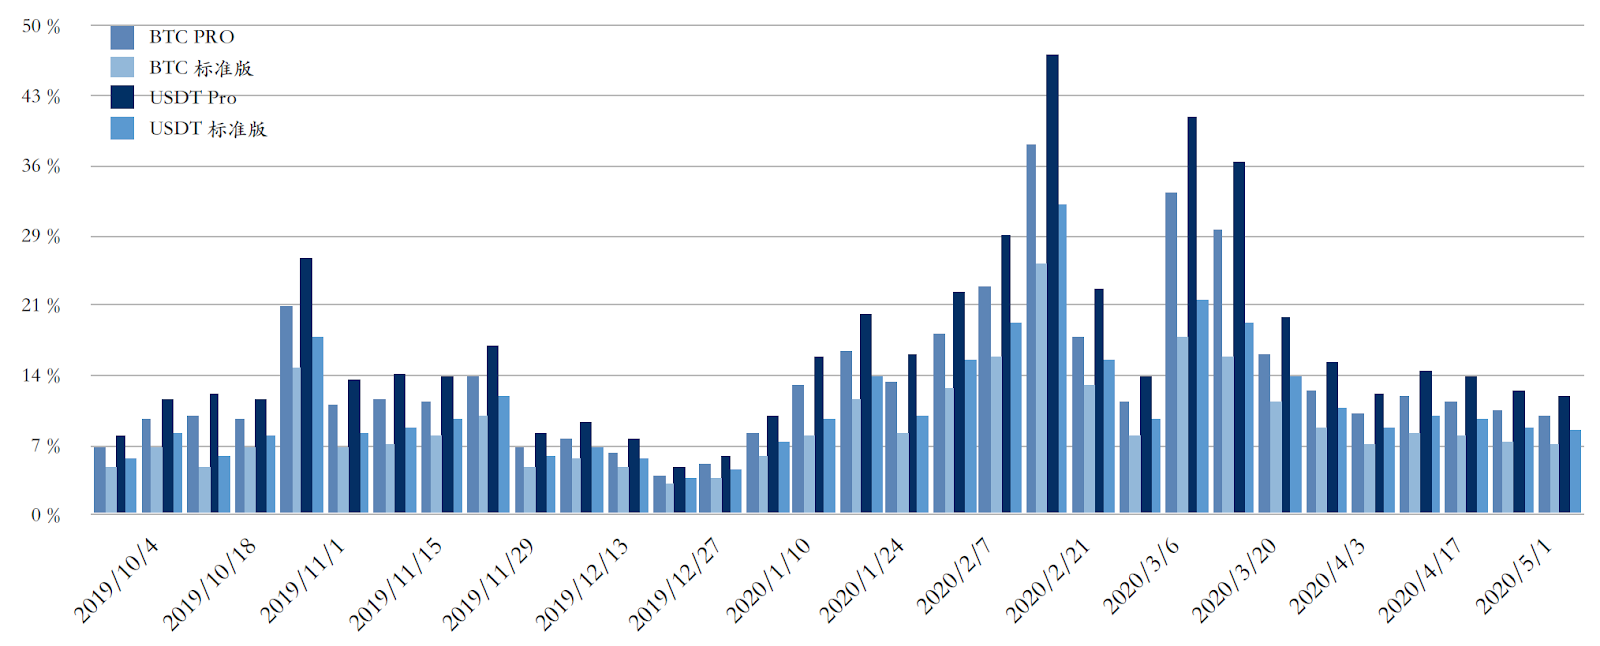 躺著就能賺?預期年化報酬率最高超過 20% 的加密貨幣理財產品-Pionex 派幣寶